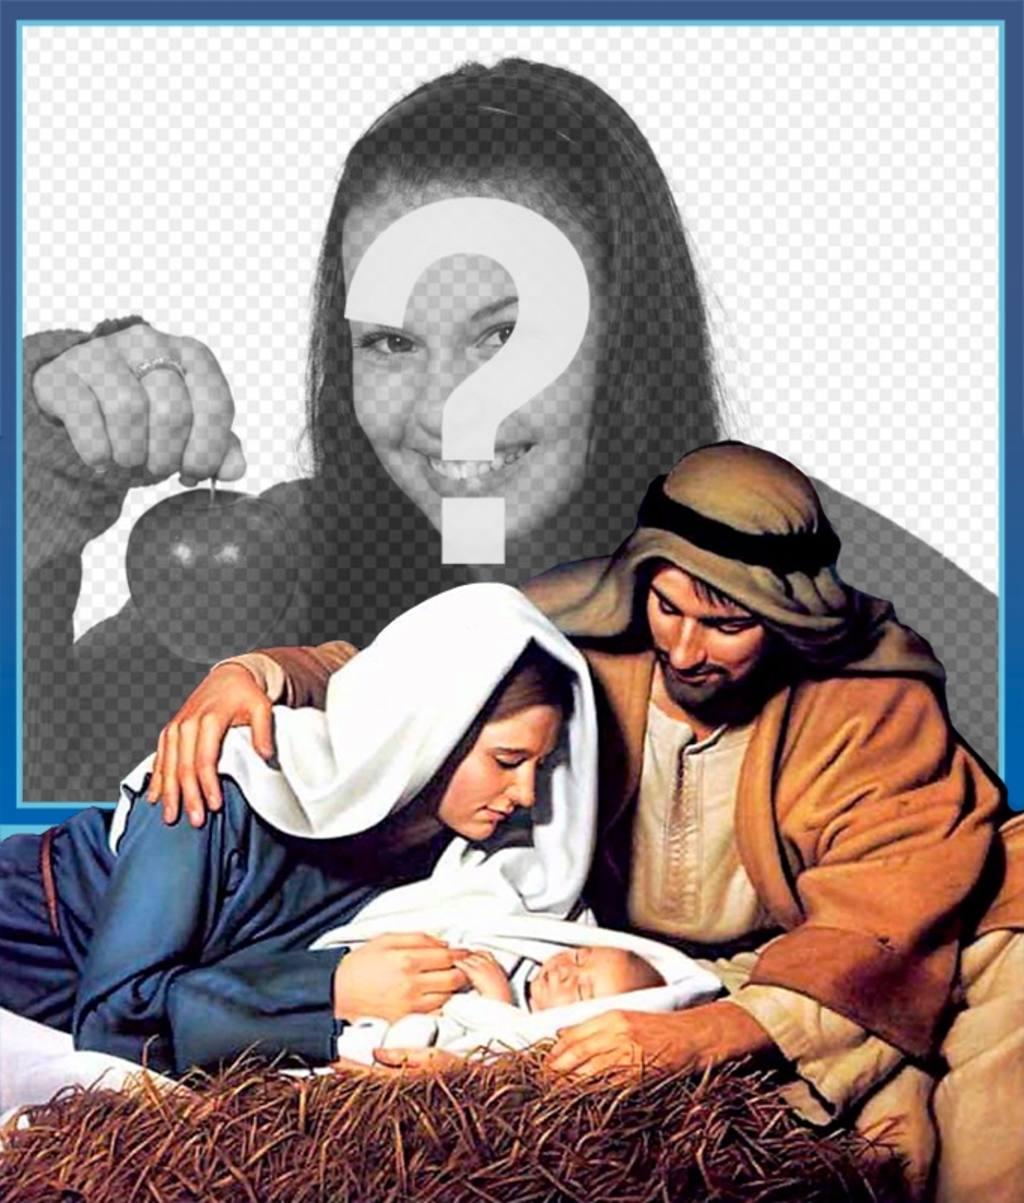 Fotos Del Nacimiento De Navidad.Tarjeta Del Nacimiento En El Pesebre De Navidad Con Tu Foto